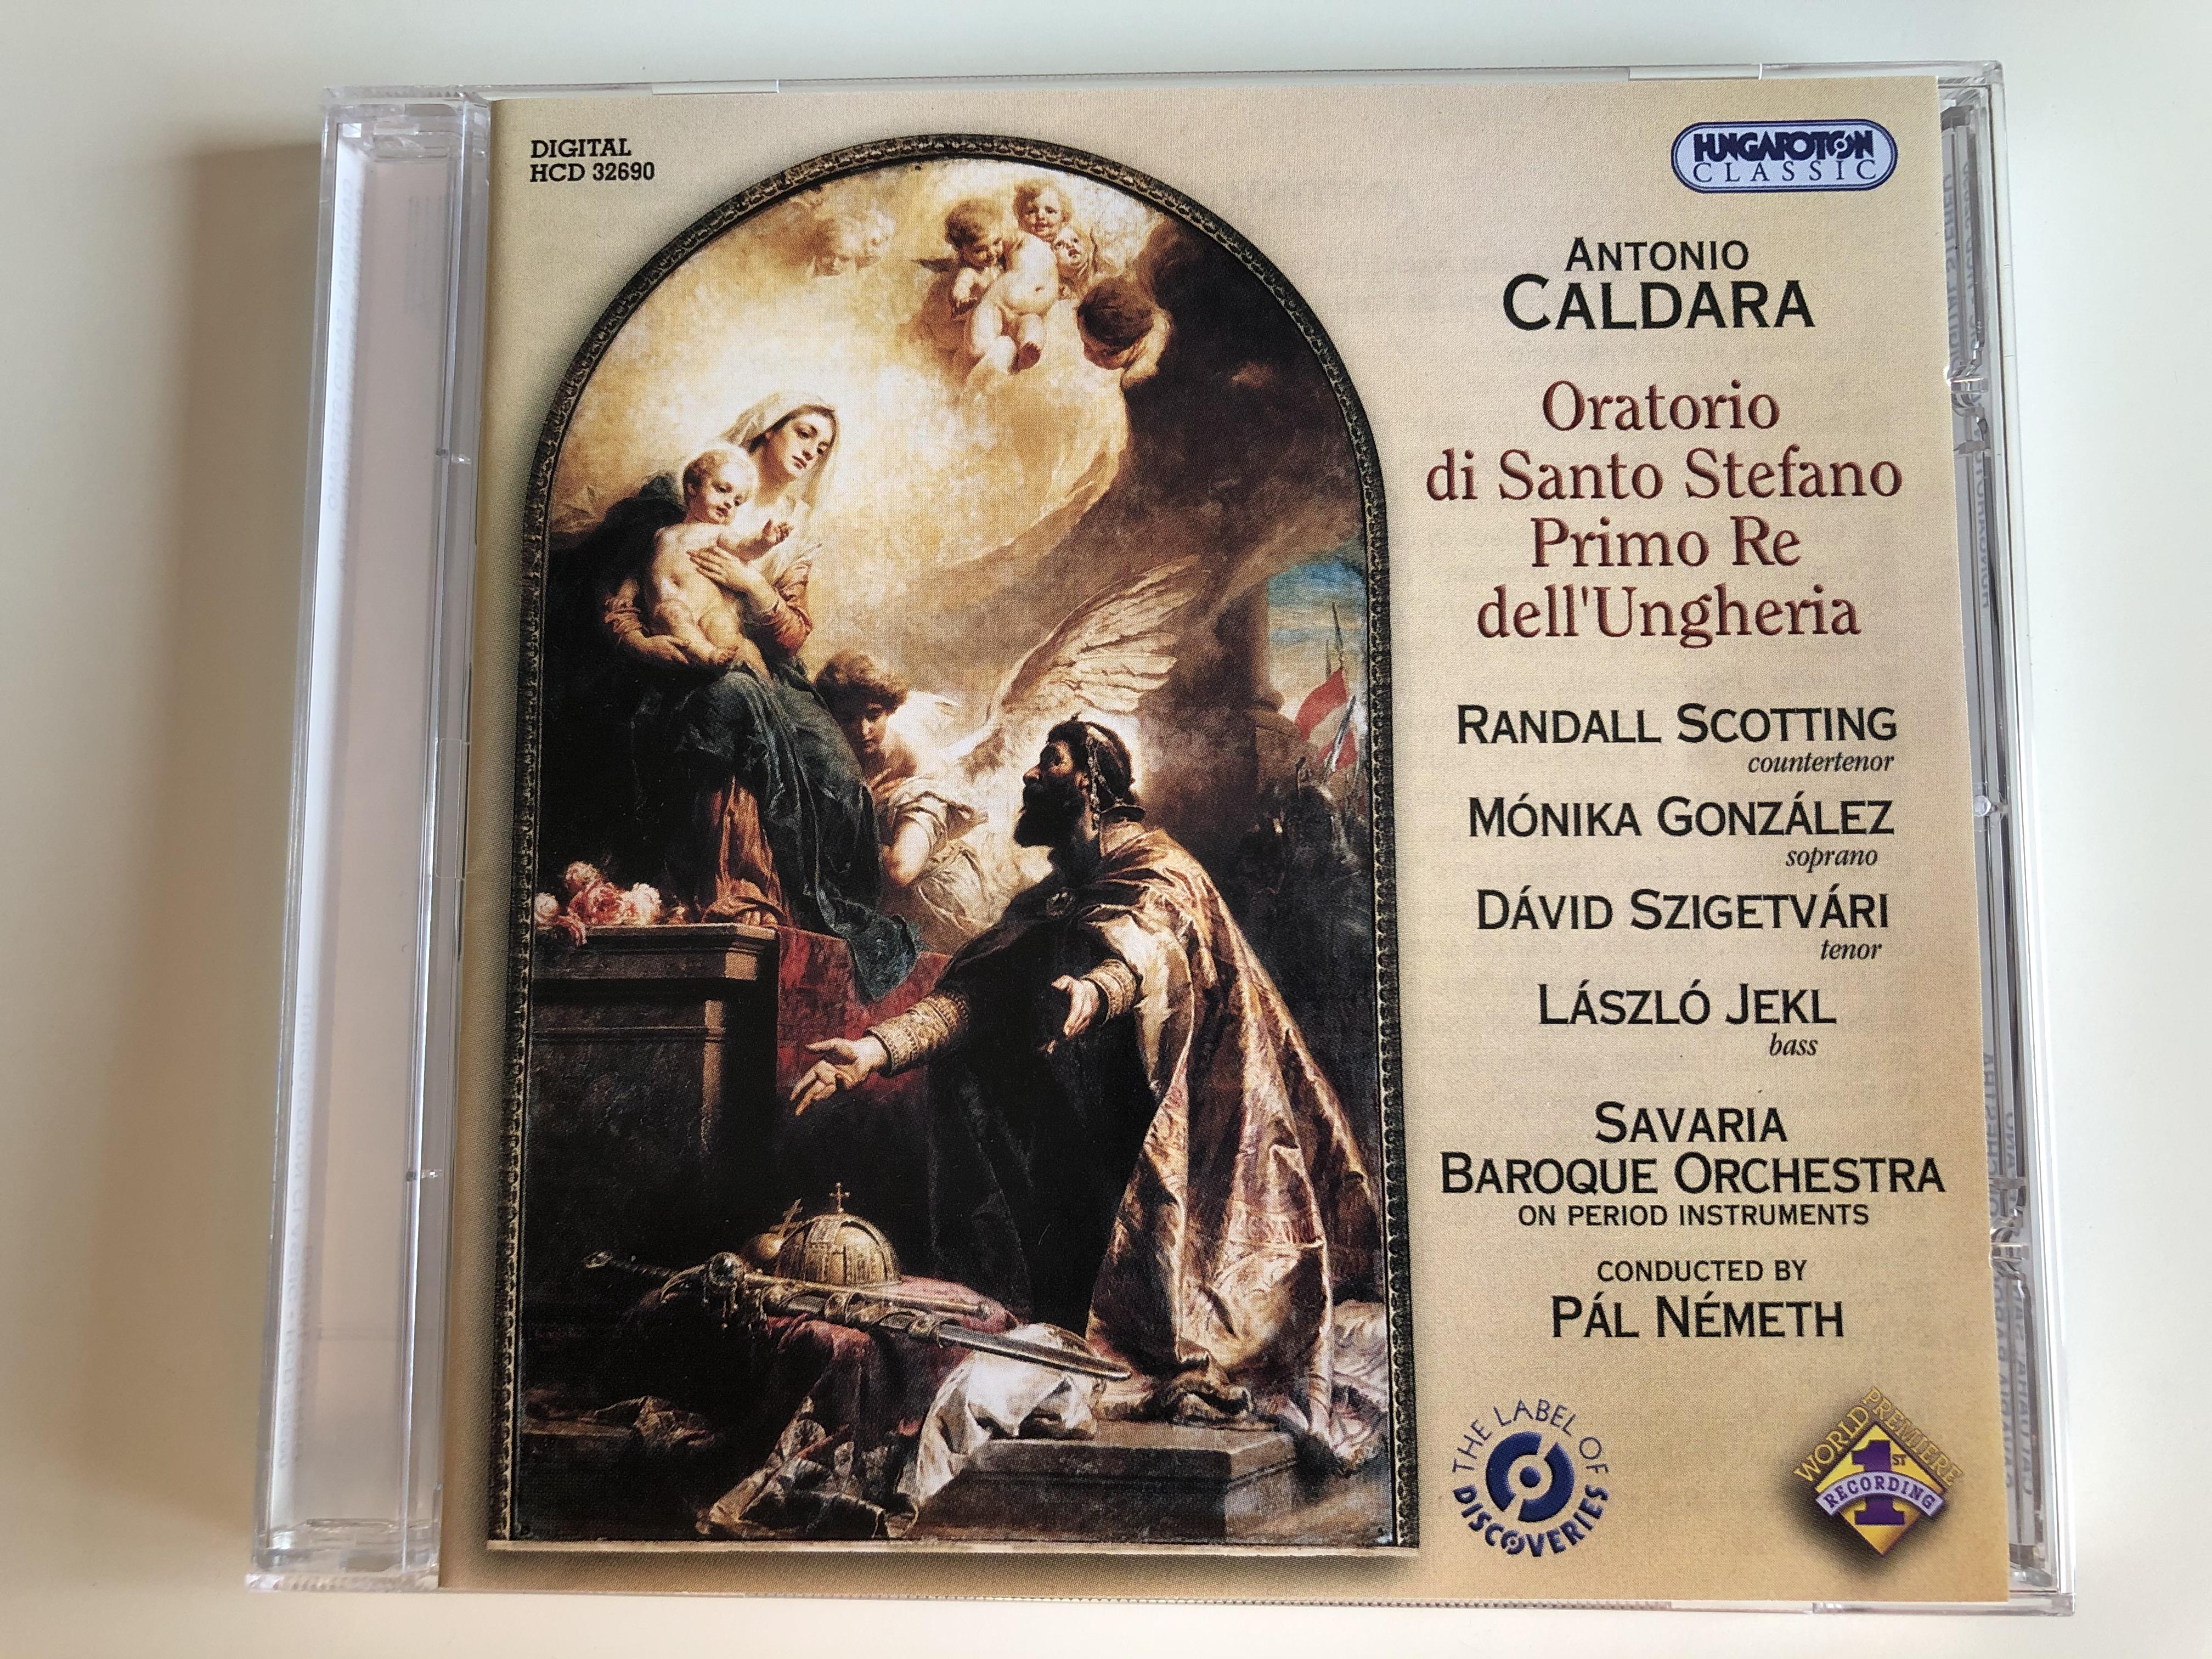 antonio-caldara-oratorio-di-santo-stefano-primo-re-dell-ungheria-randall-scotting-countertenor-monika-gonzalez-soprano-savaria-baroque-orchestra-conducted-by-pal-nemeth-hungaroton-c-1-.jpg